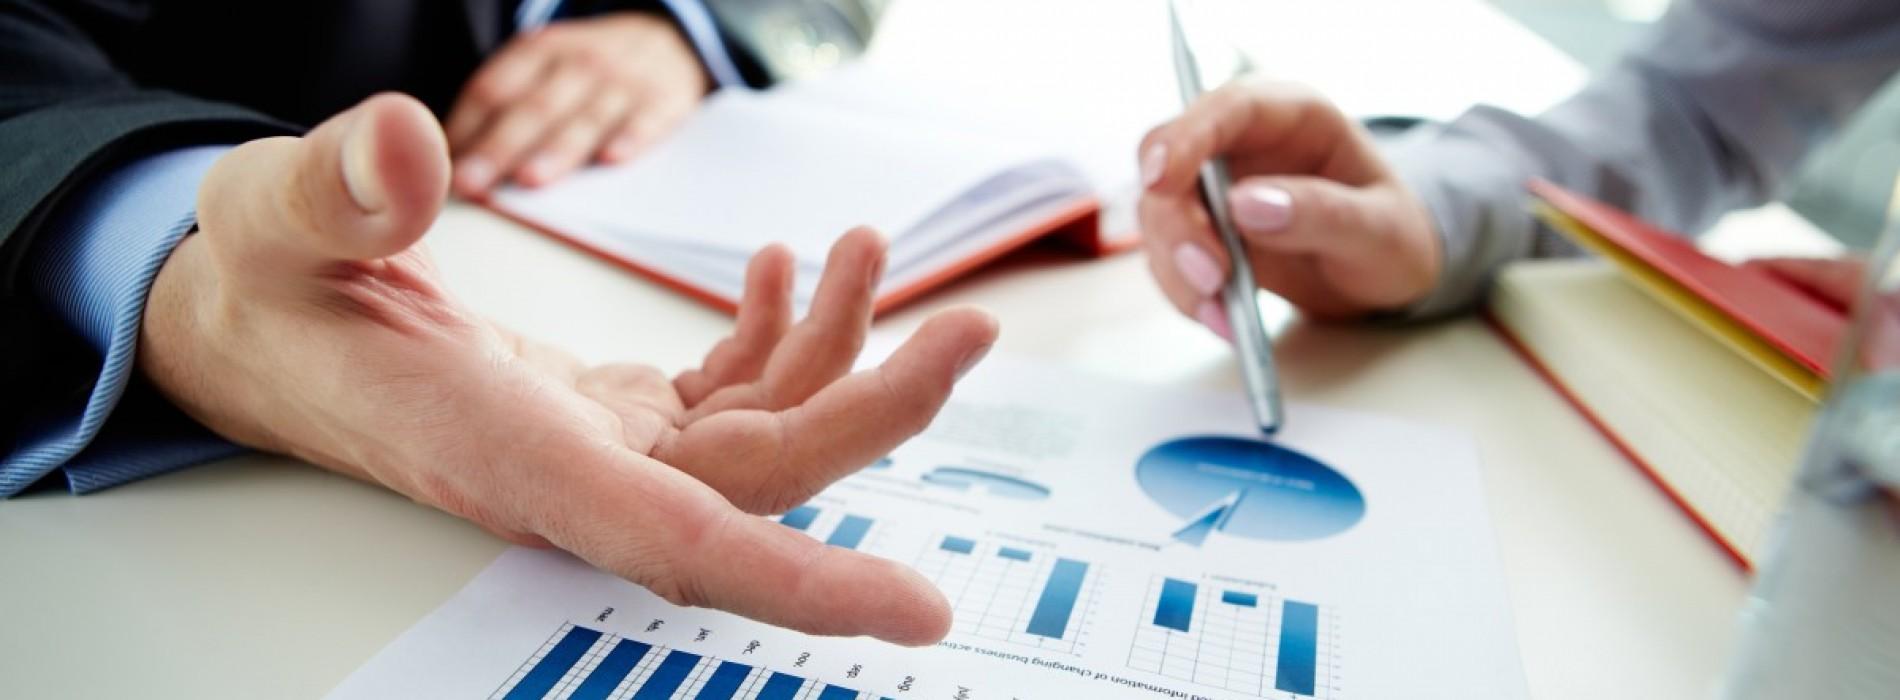 Jak czytać raporty płacowe? Praktyczne wskazówki